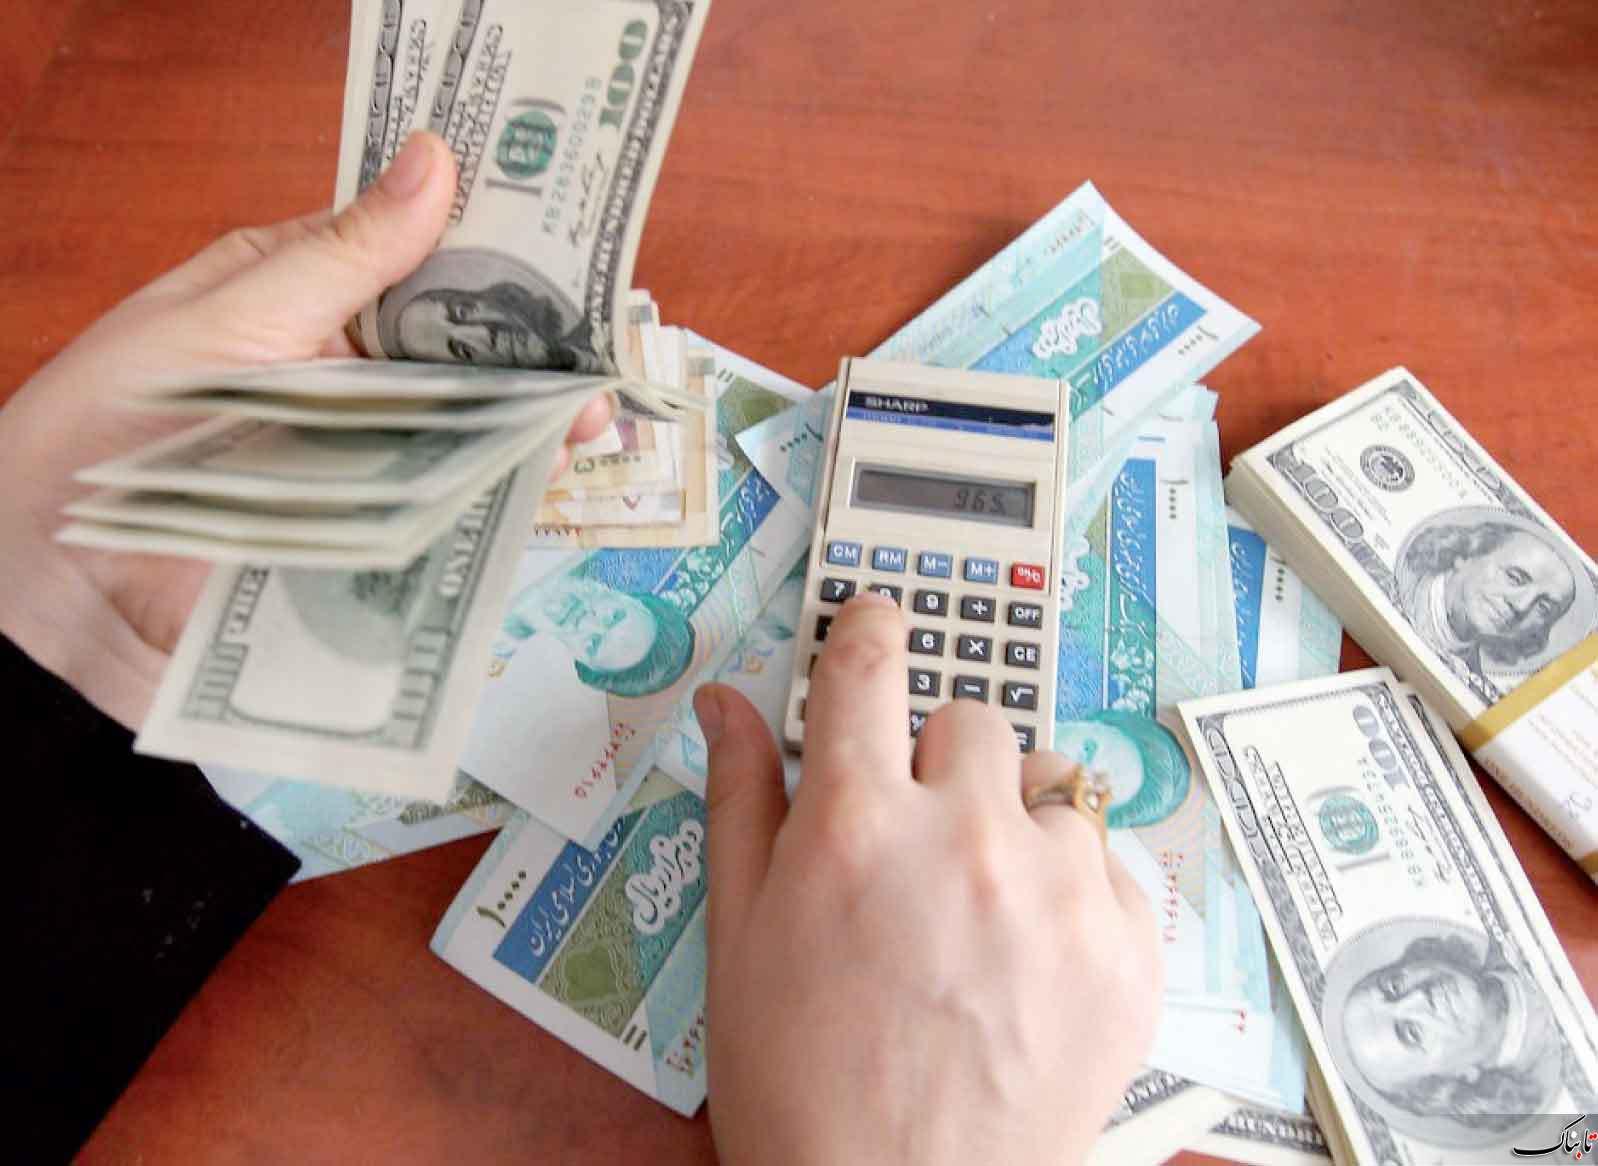 نرخ رسمی یورو و پوند کاهش یافت/ دلار در صرافیهای بانکی ۱۰۰ تومان گران شد